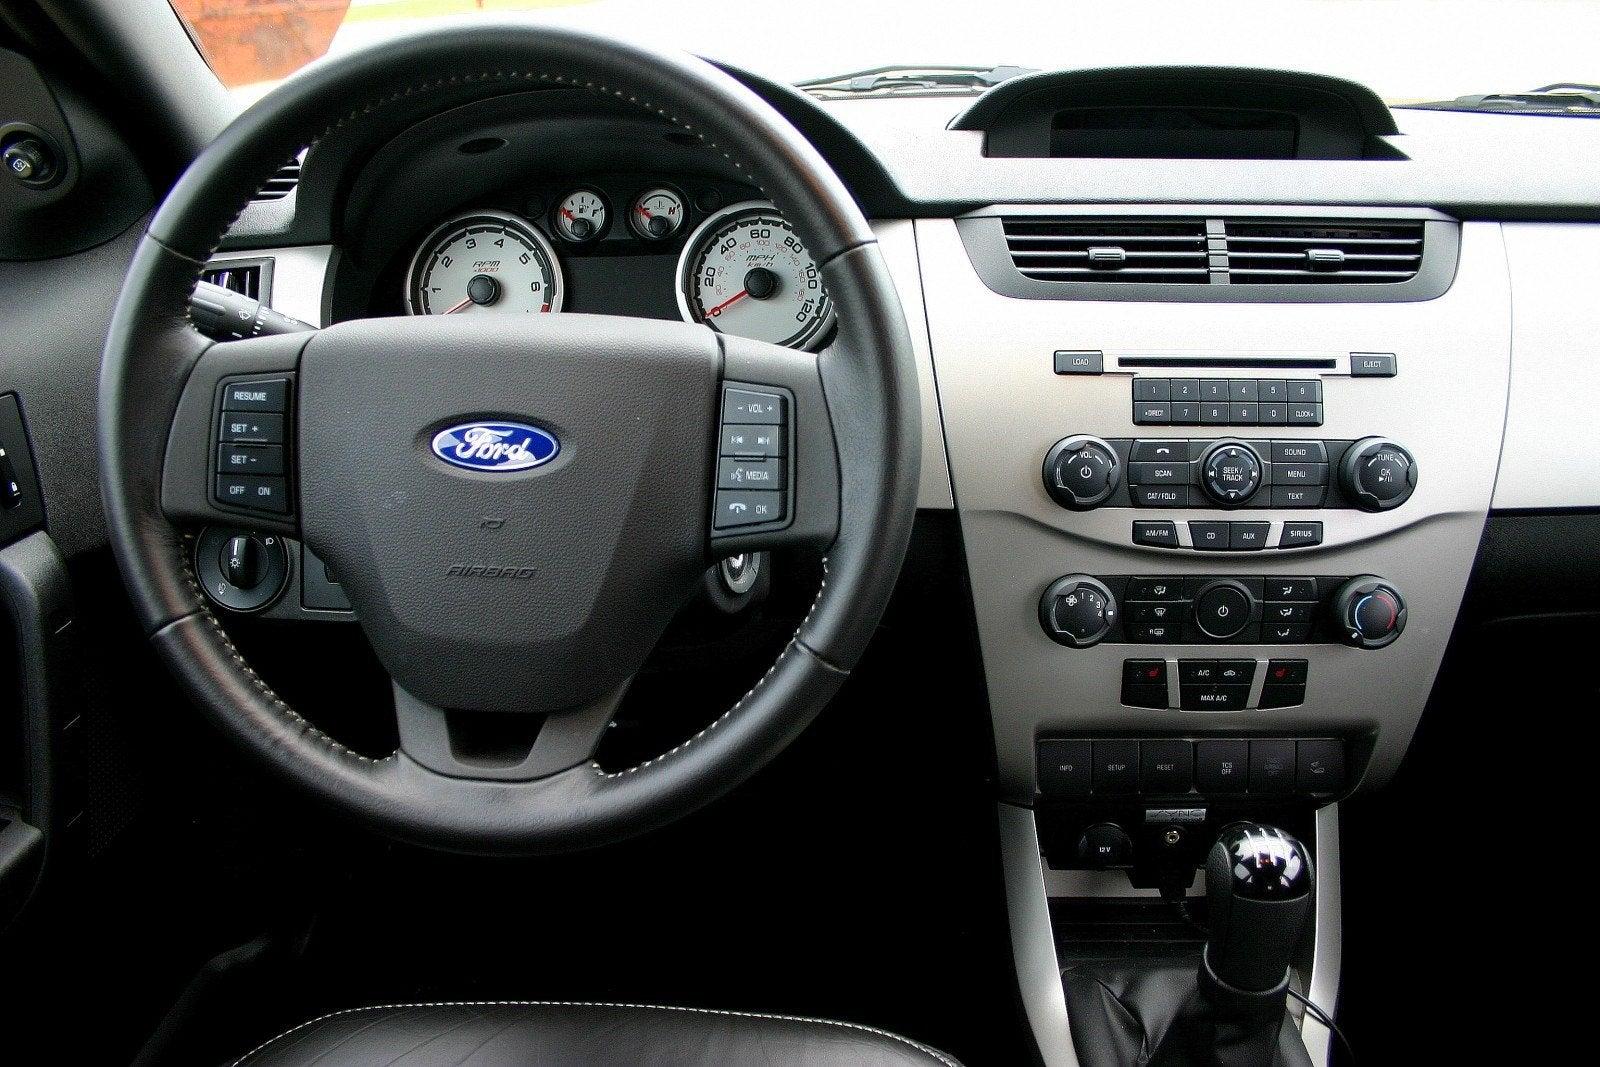 2007 Ford Focus Ses Hatchback Problems